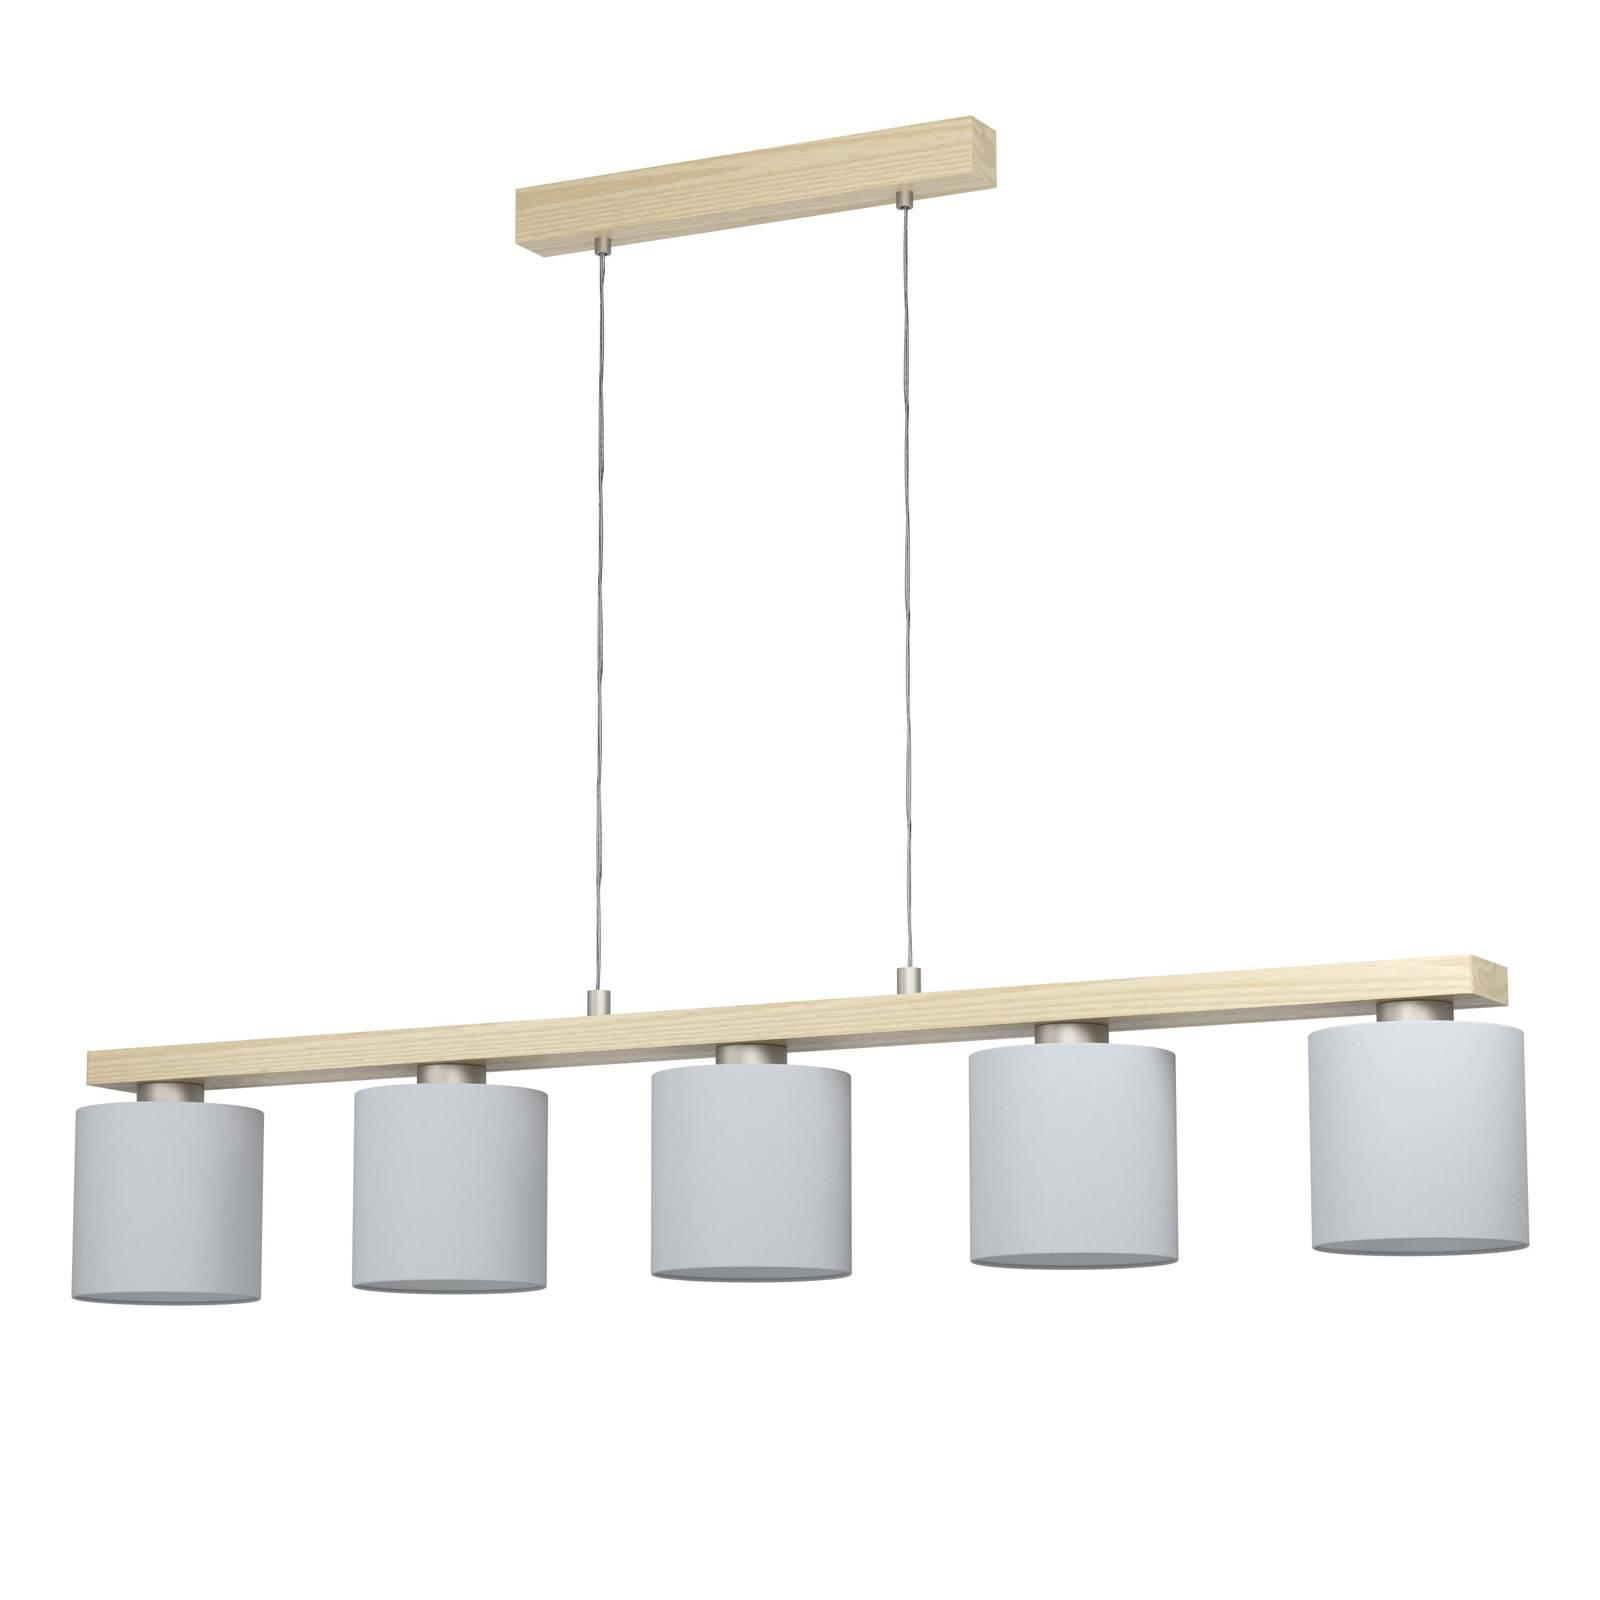 Lampa wisząca Castralvo z pięcioma kloszami